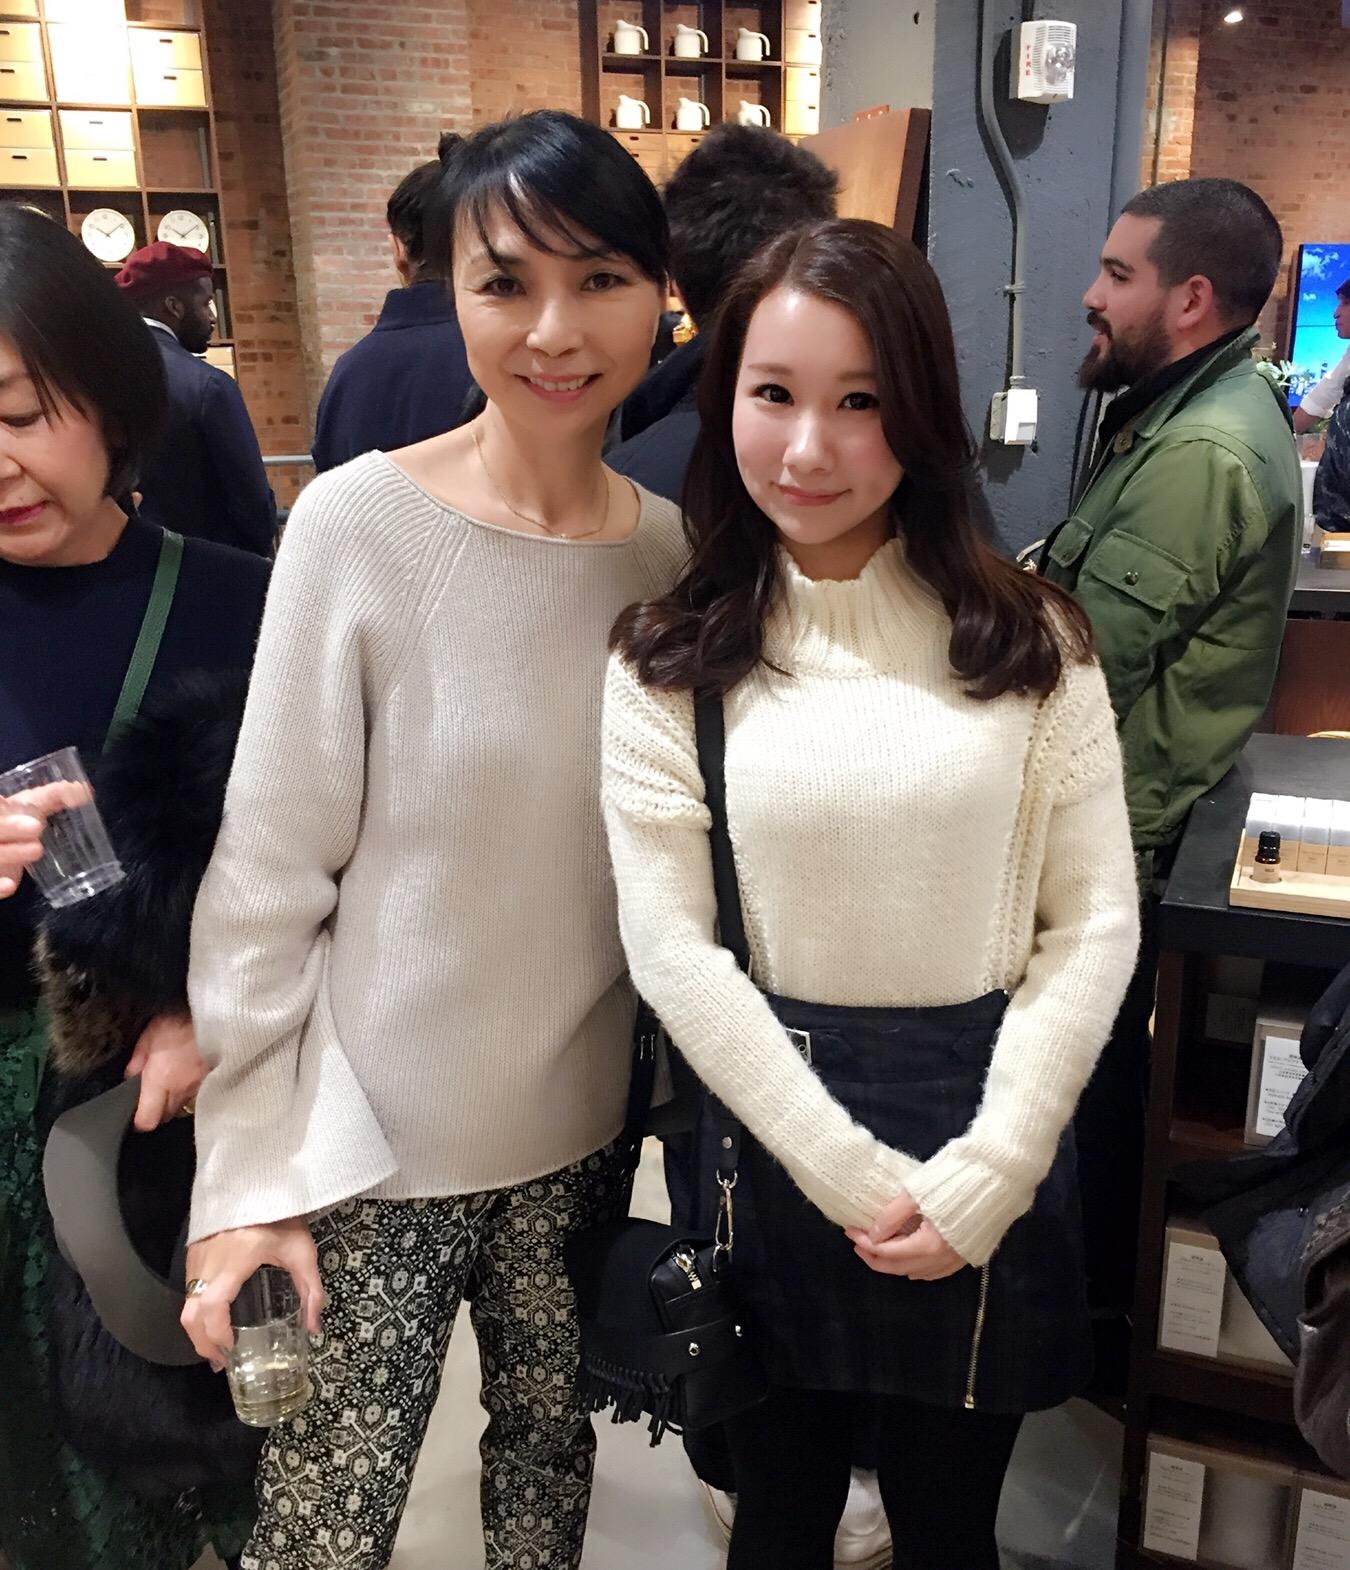 Photo 21-11-2016, 12 42 09 AM (1).jpg